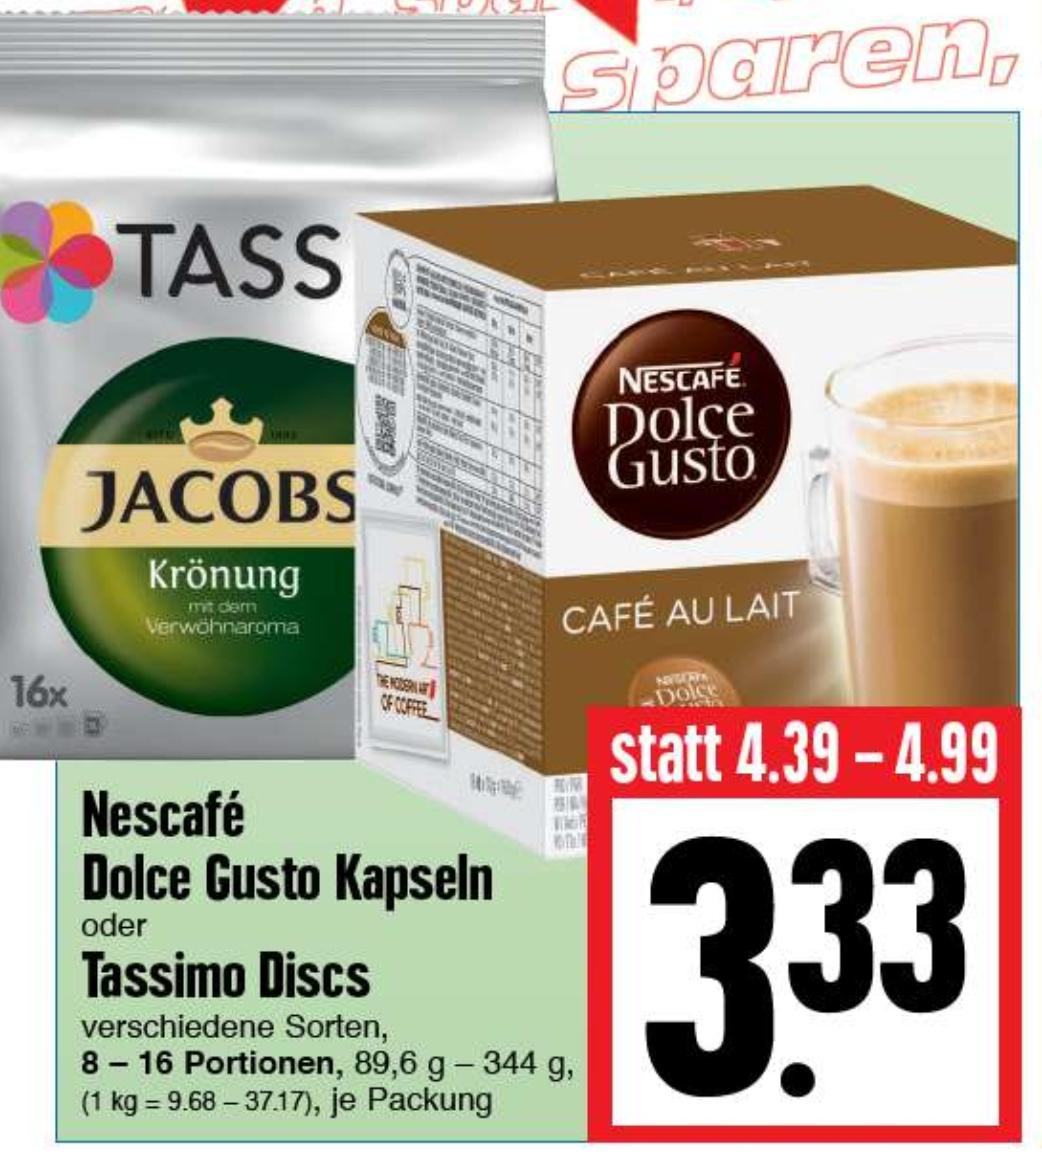 [Edeka Hessenring] Nescafe Dolce Gusto Kapseln oder Tassimo Discs für 3,33€ pro Packung (diese Woche Mo. 27.03. bis Sa. 01.04.)